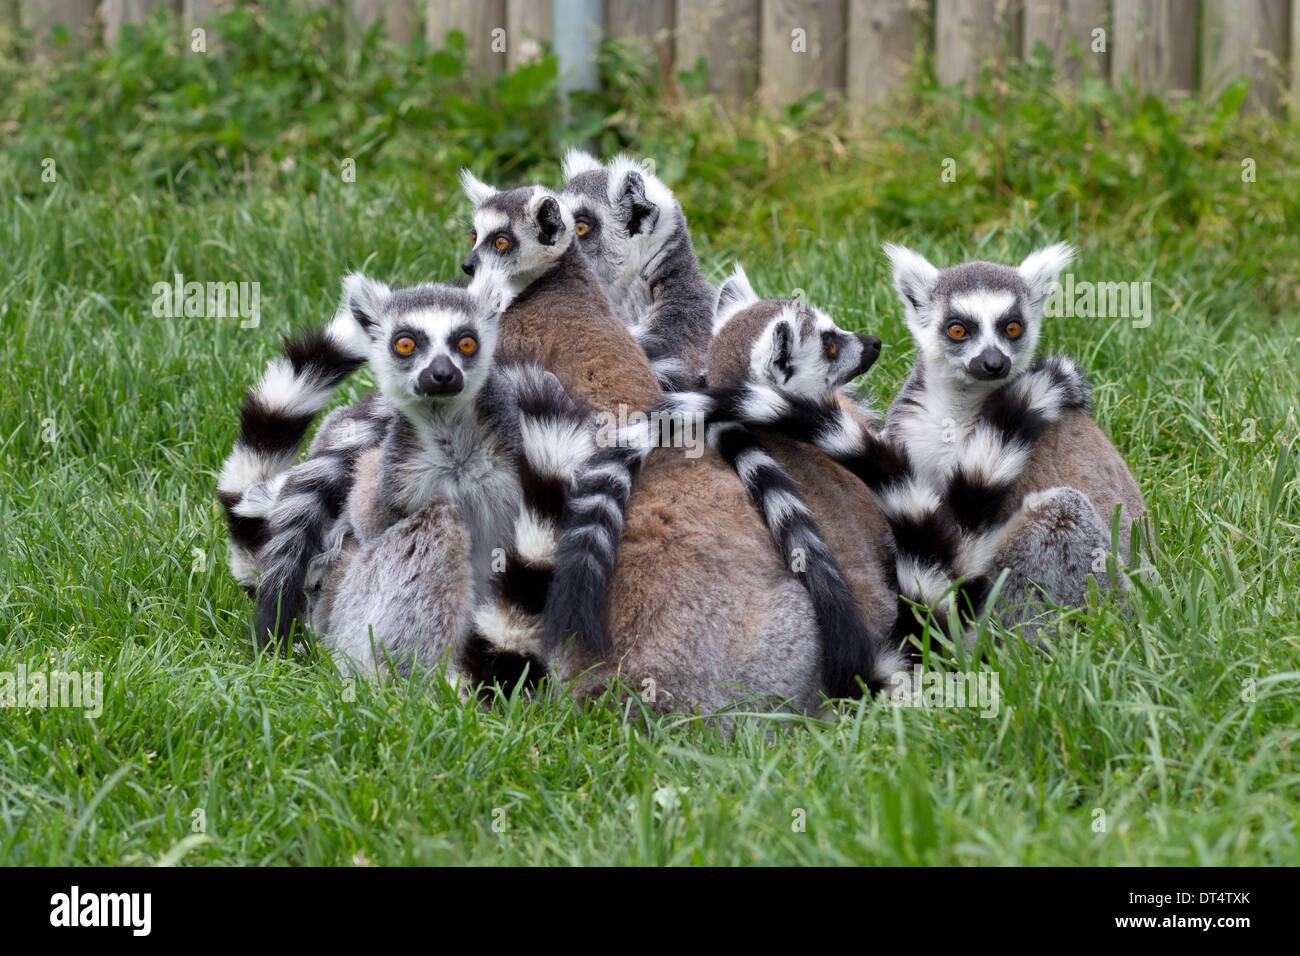 Ring-tailed Lemuren in Afrika lebt, eine Safari Sehenswürdigkeit in der Nähe von Lowestoft, Suffolk, England, UK. Stockbild